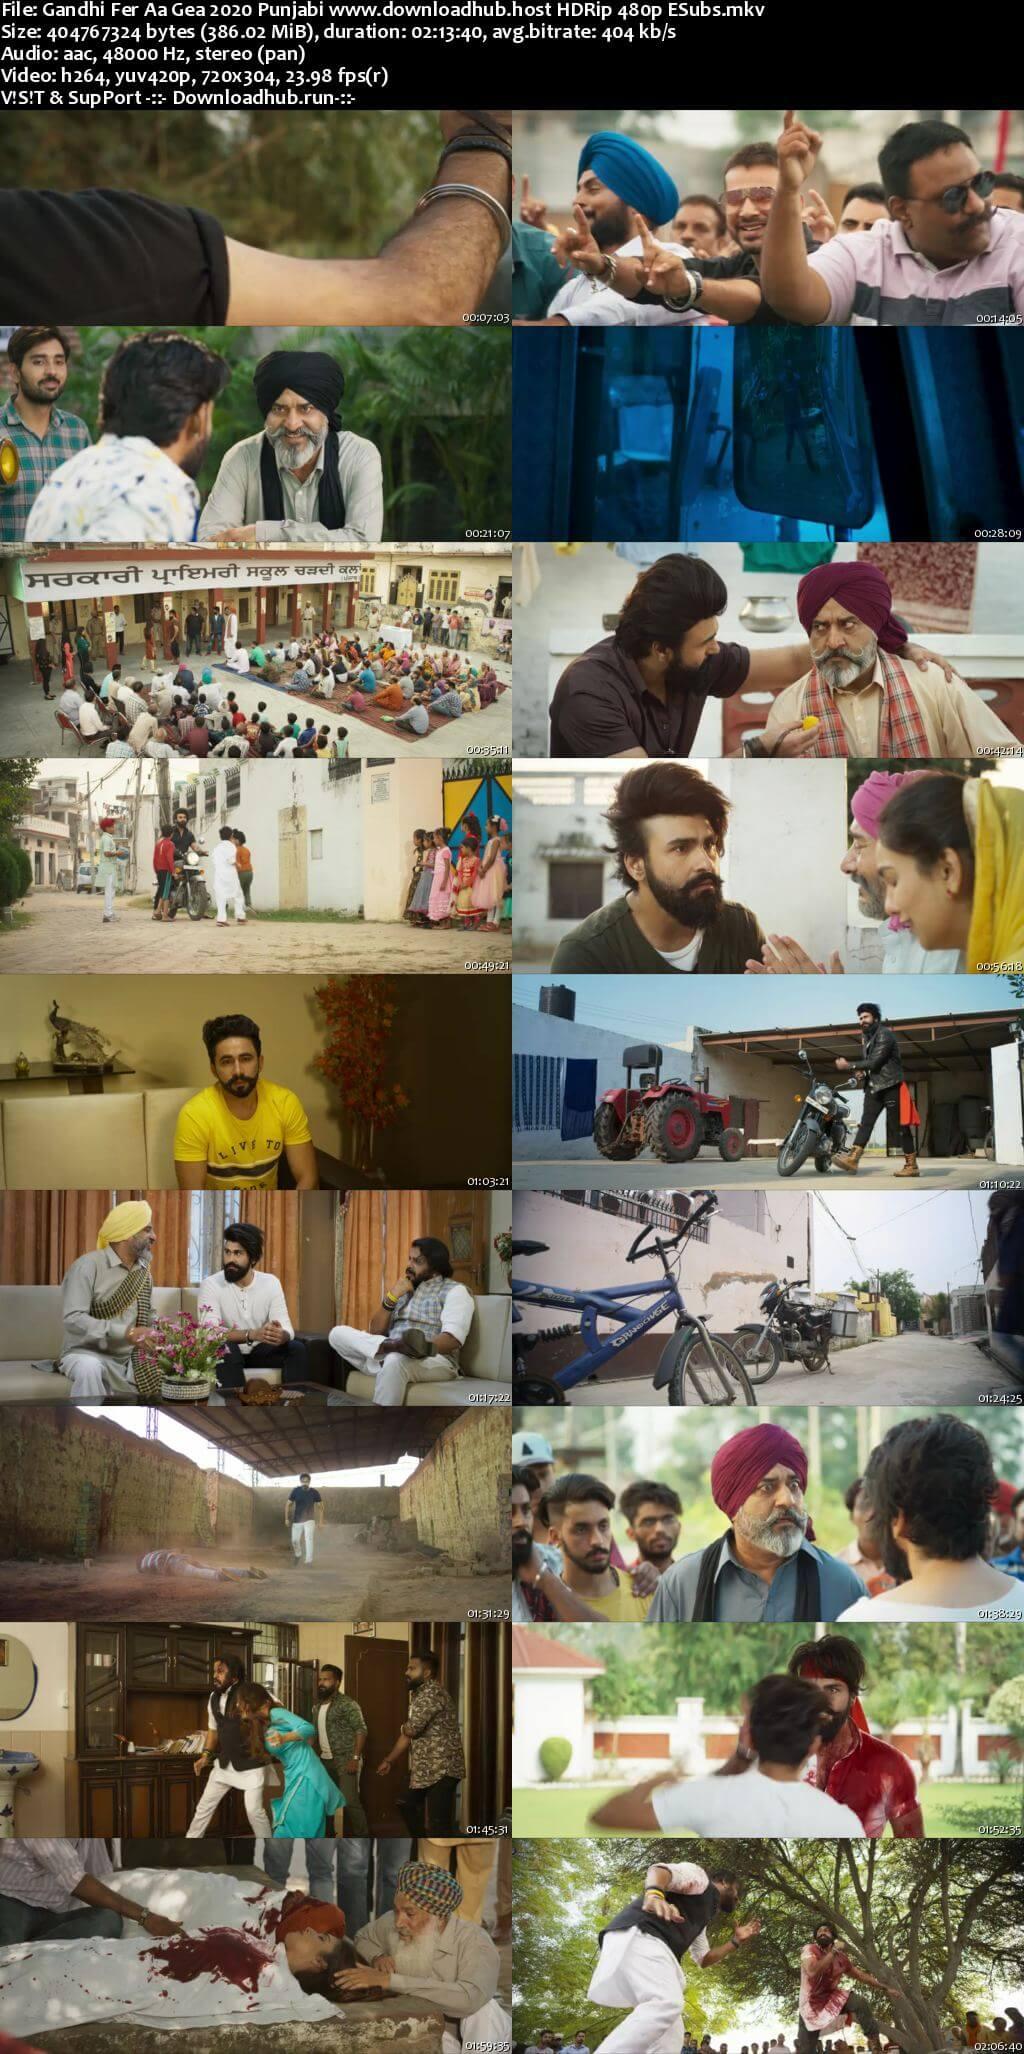 Gandhi Fer Aa Gea 2020 Punjabi 350MB HDRip 480p ESubs